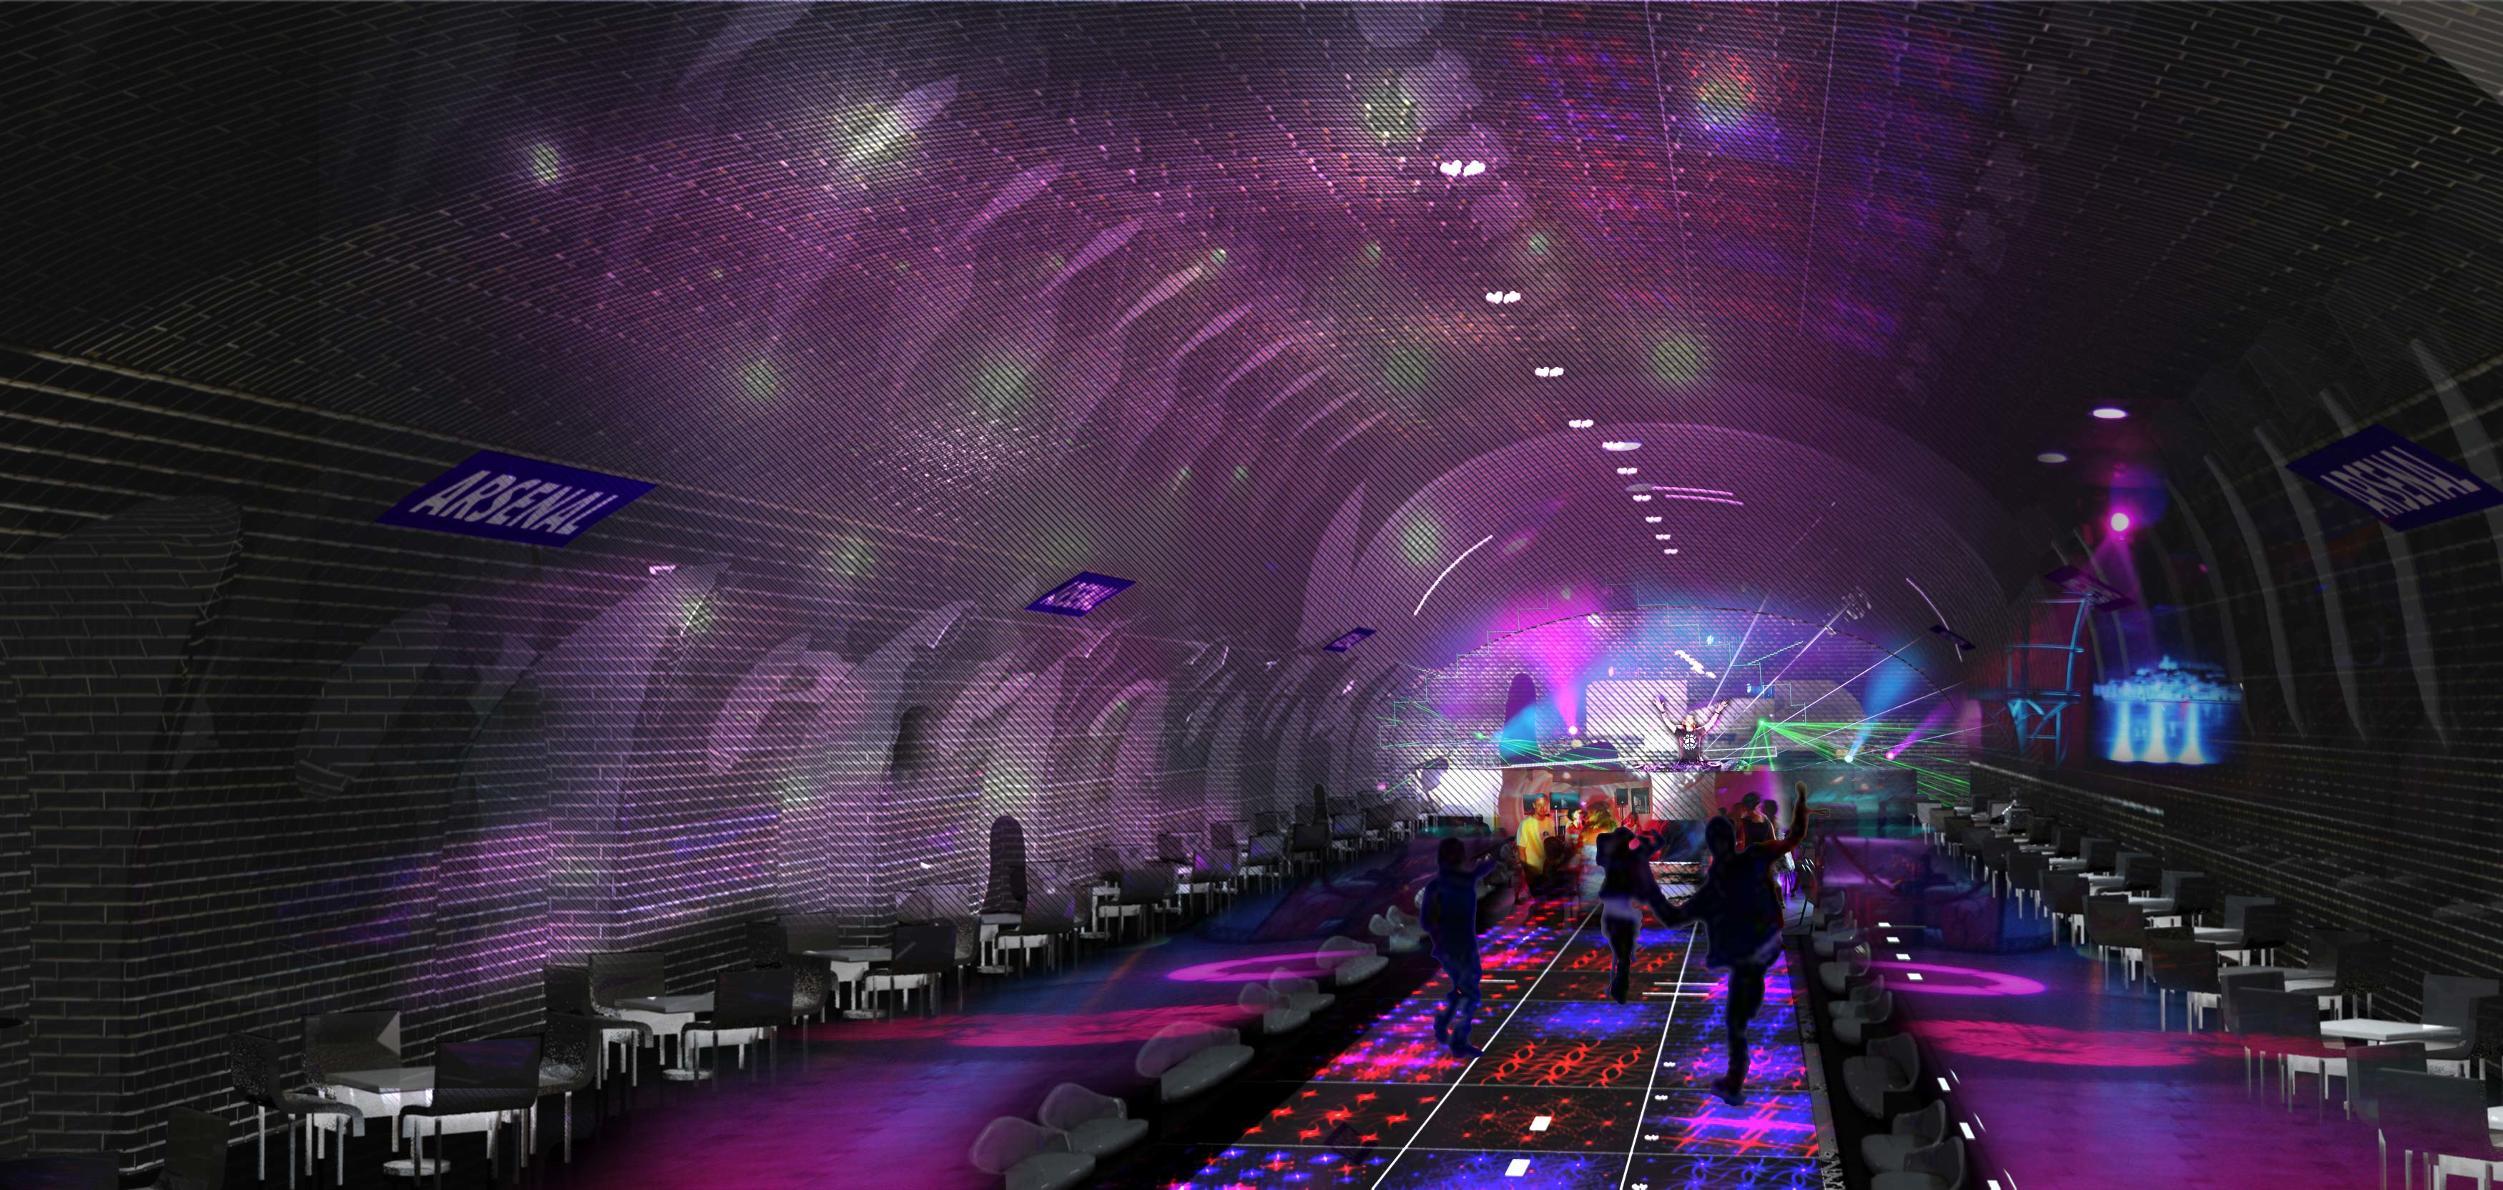 Wenn es nach den Architekten Manal Rachdi und Nicolas Laisné geht, könnte die Station auch zu einem Nachtclub werden.